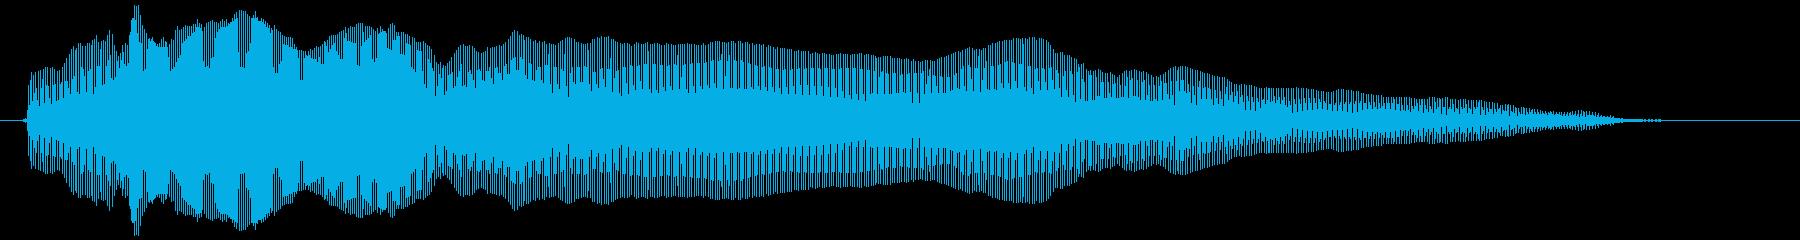 びっくりチキン特大 鳴き声(長め)の再生済みの波形